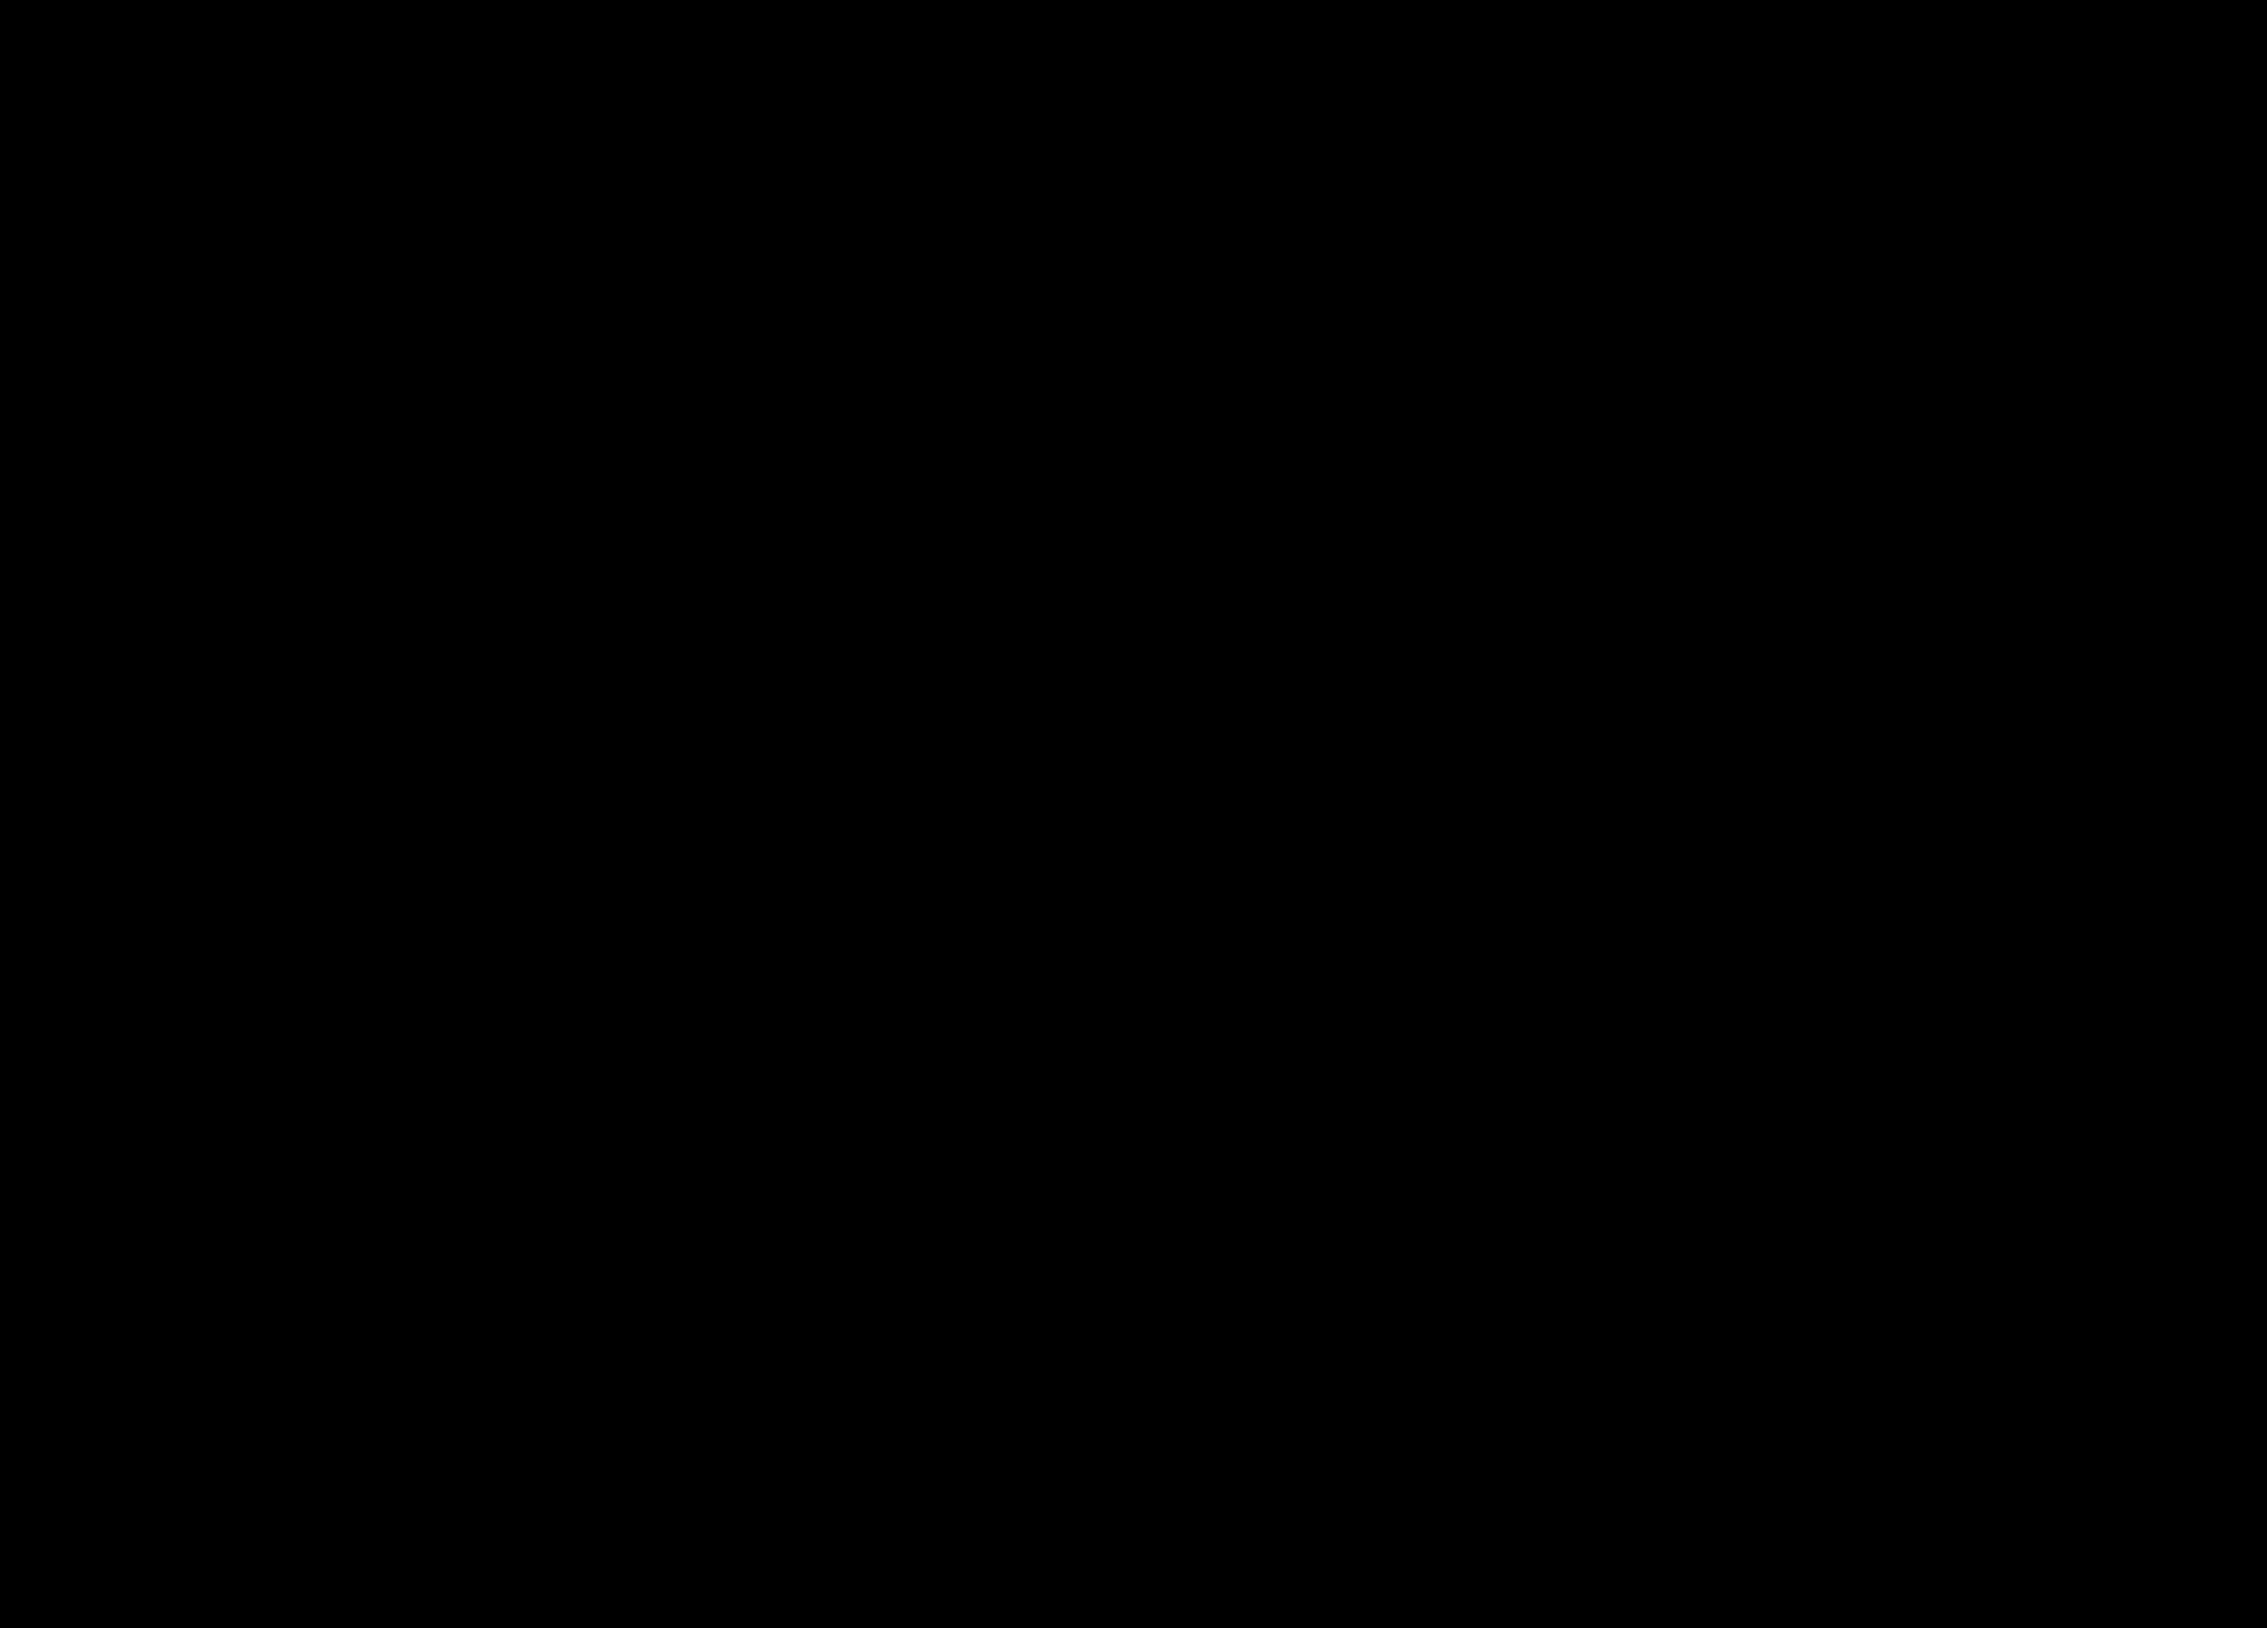 Логотип сайта по стяжке